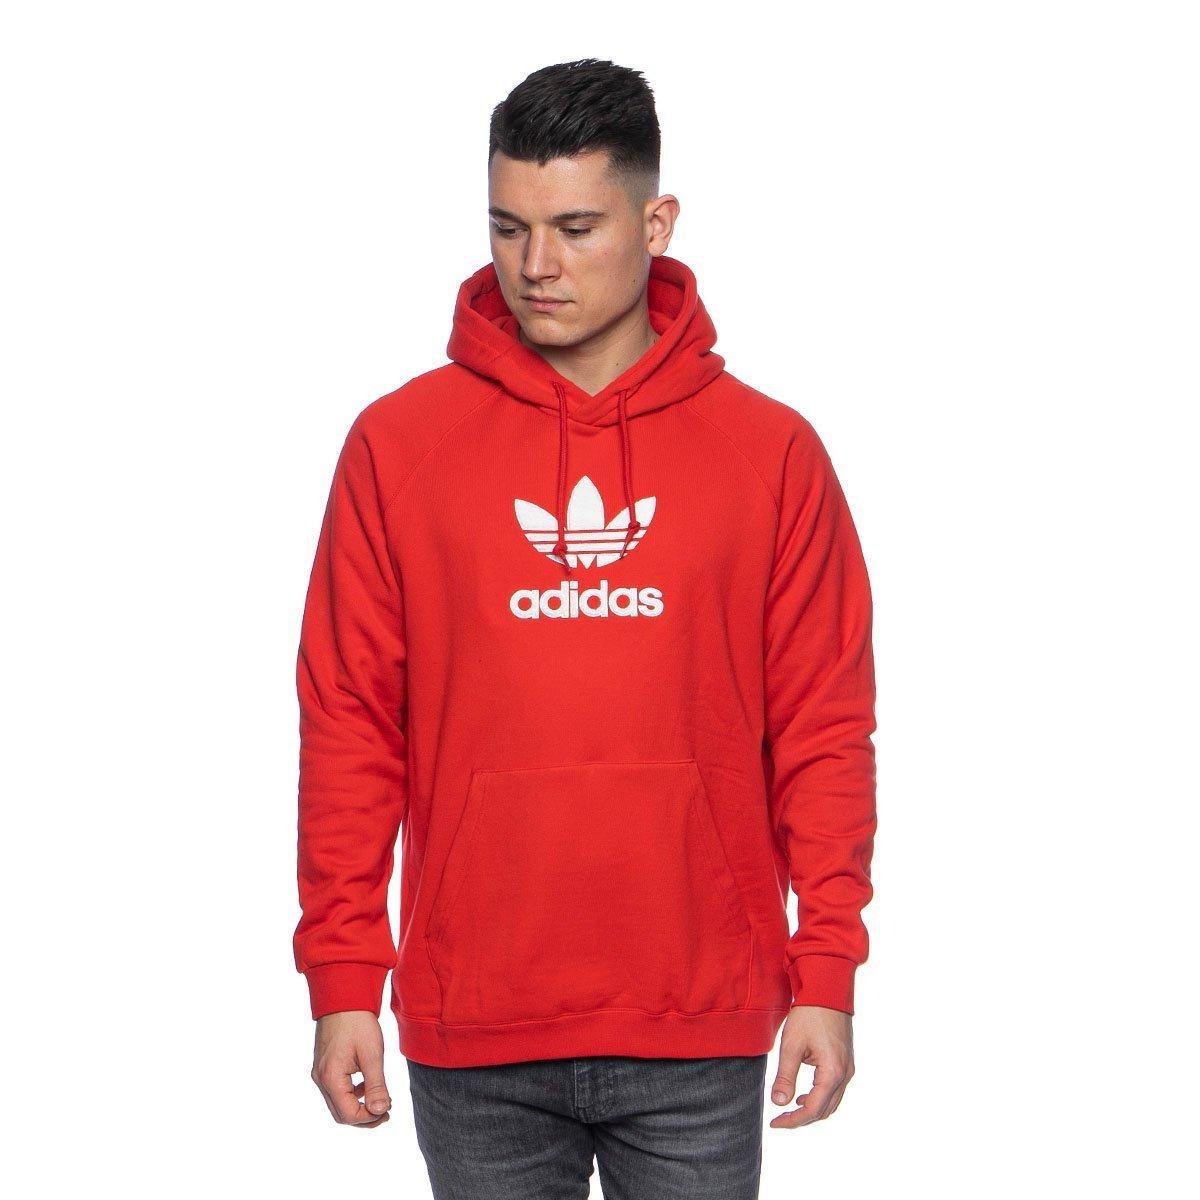 Bluza Adidas Originals ADICLR Premium Hoodie lush red